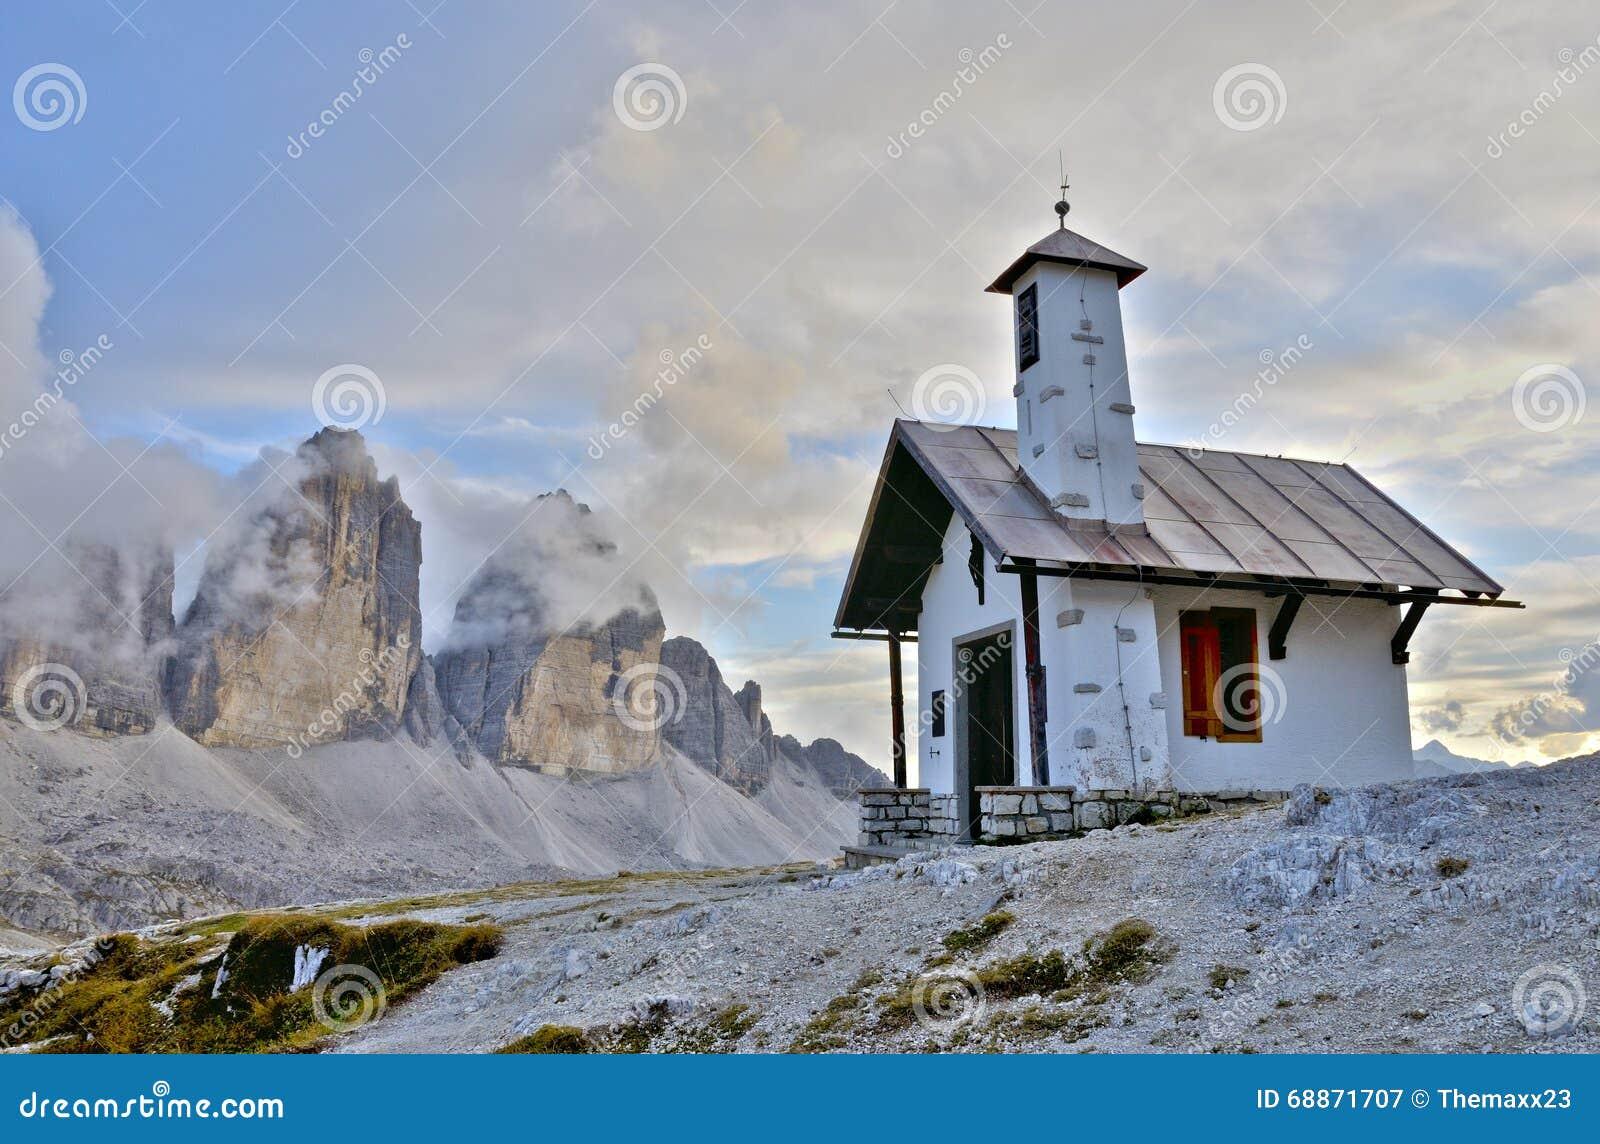 Three peaks Lavaredo chapel